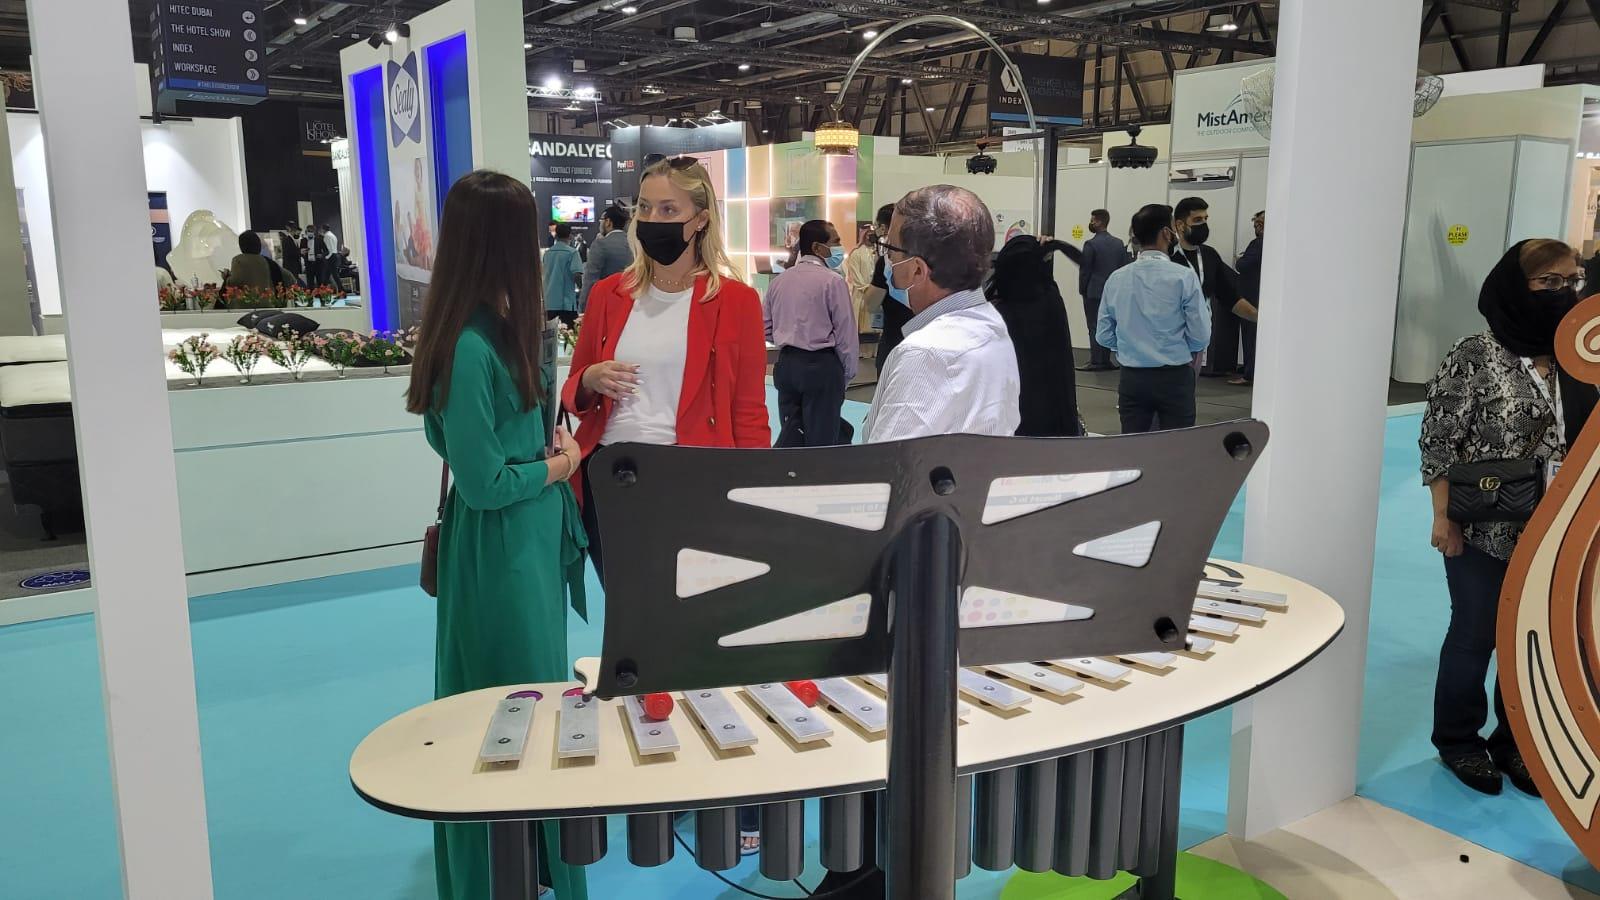 תמונות מתצוגת מתקנים מוזיקליים בתערוכה בדובאי